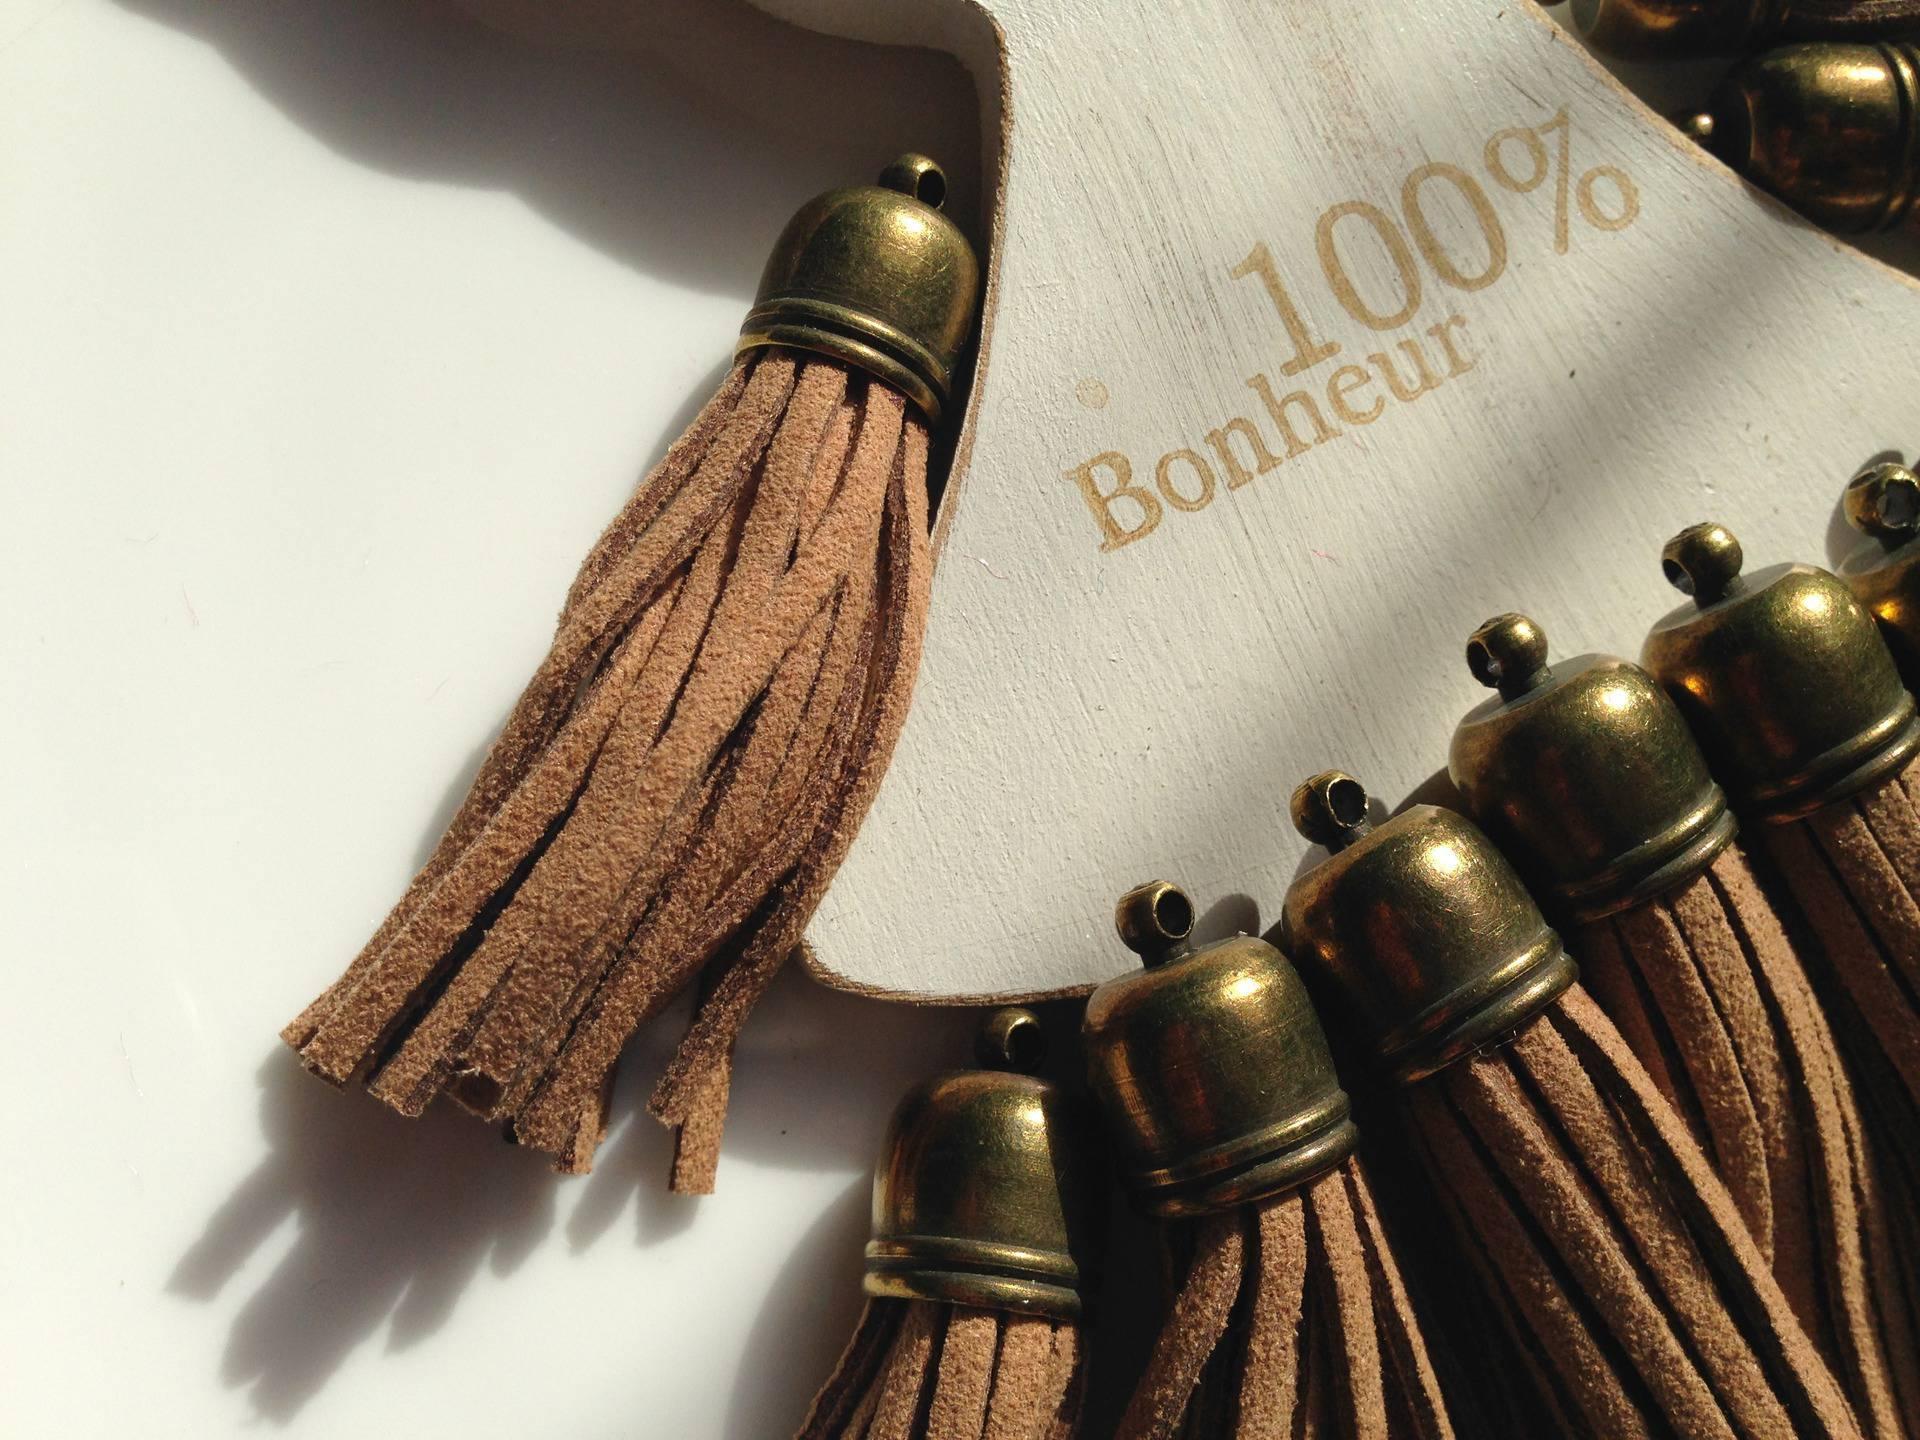 Pompon suédine beige Grand format embout bronze